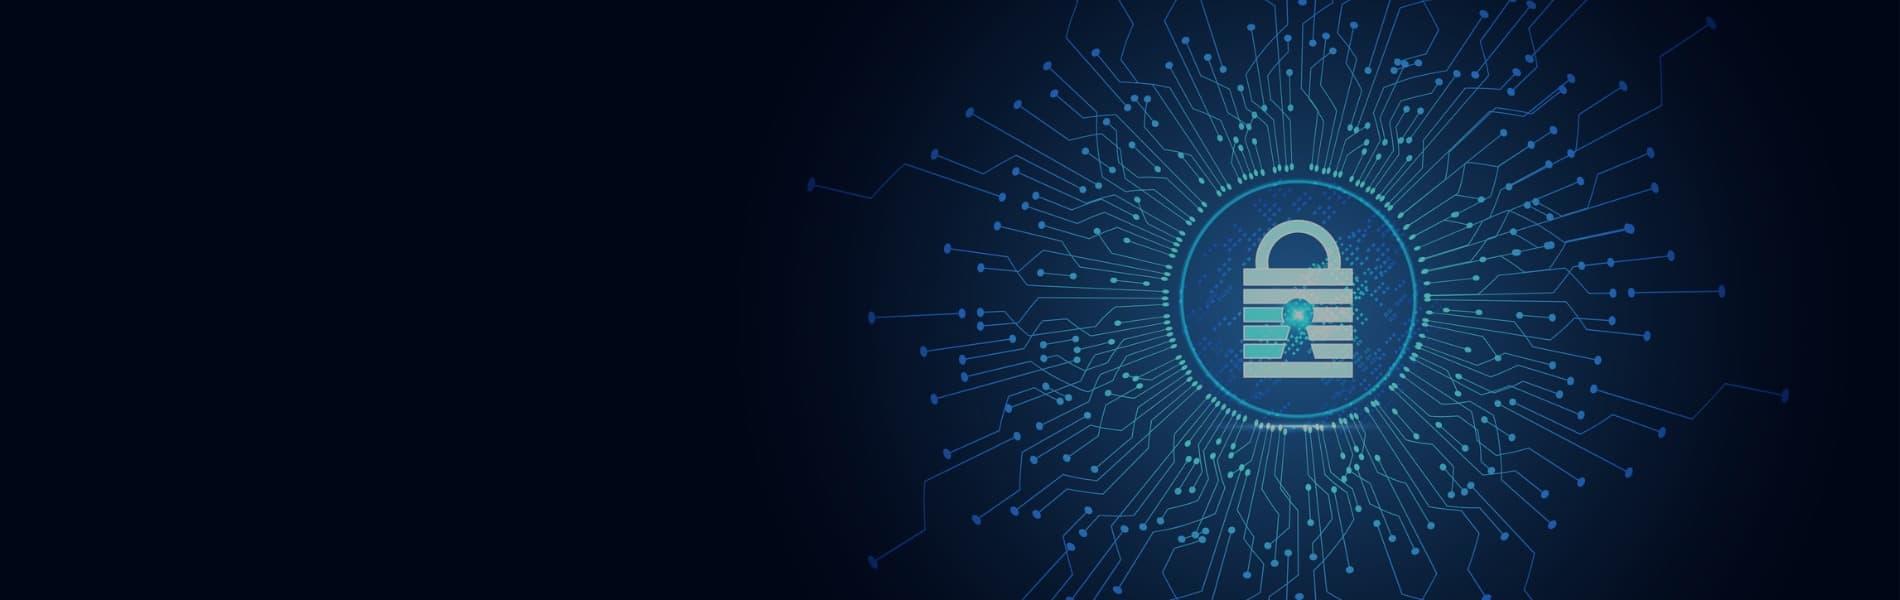 Cyber & IT Security Foundation 15/11 a 19/11/2021 - Noturno - Ao Vivo Transmitido pela Internet